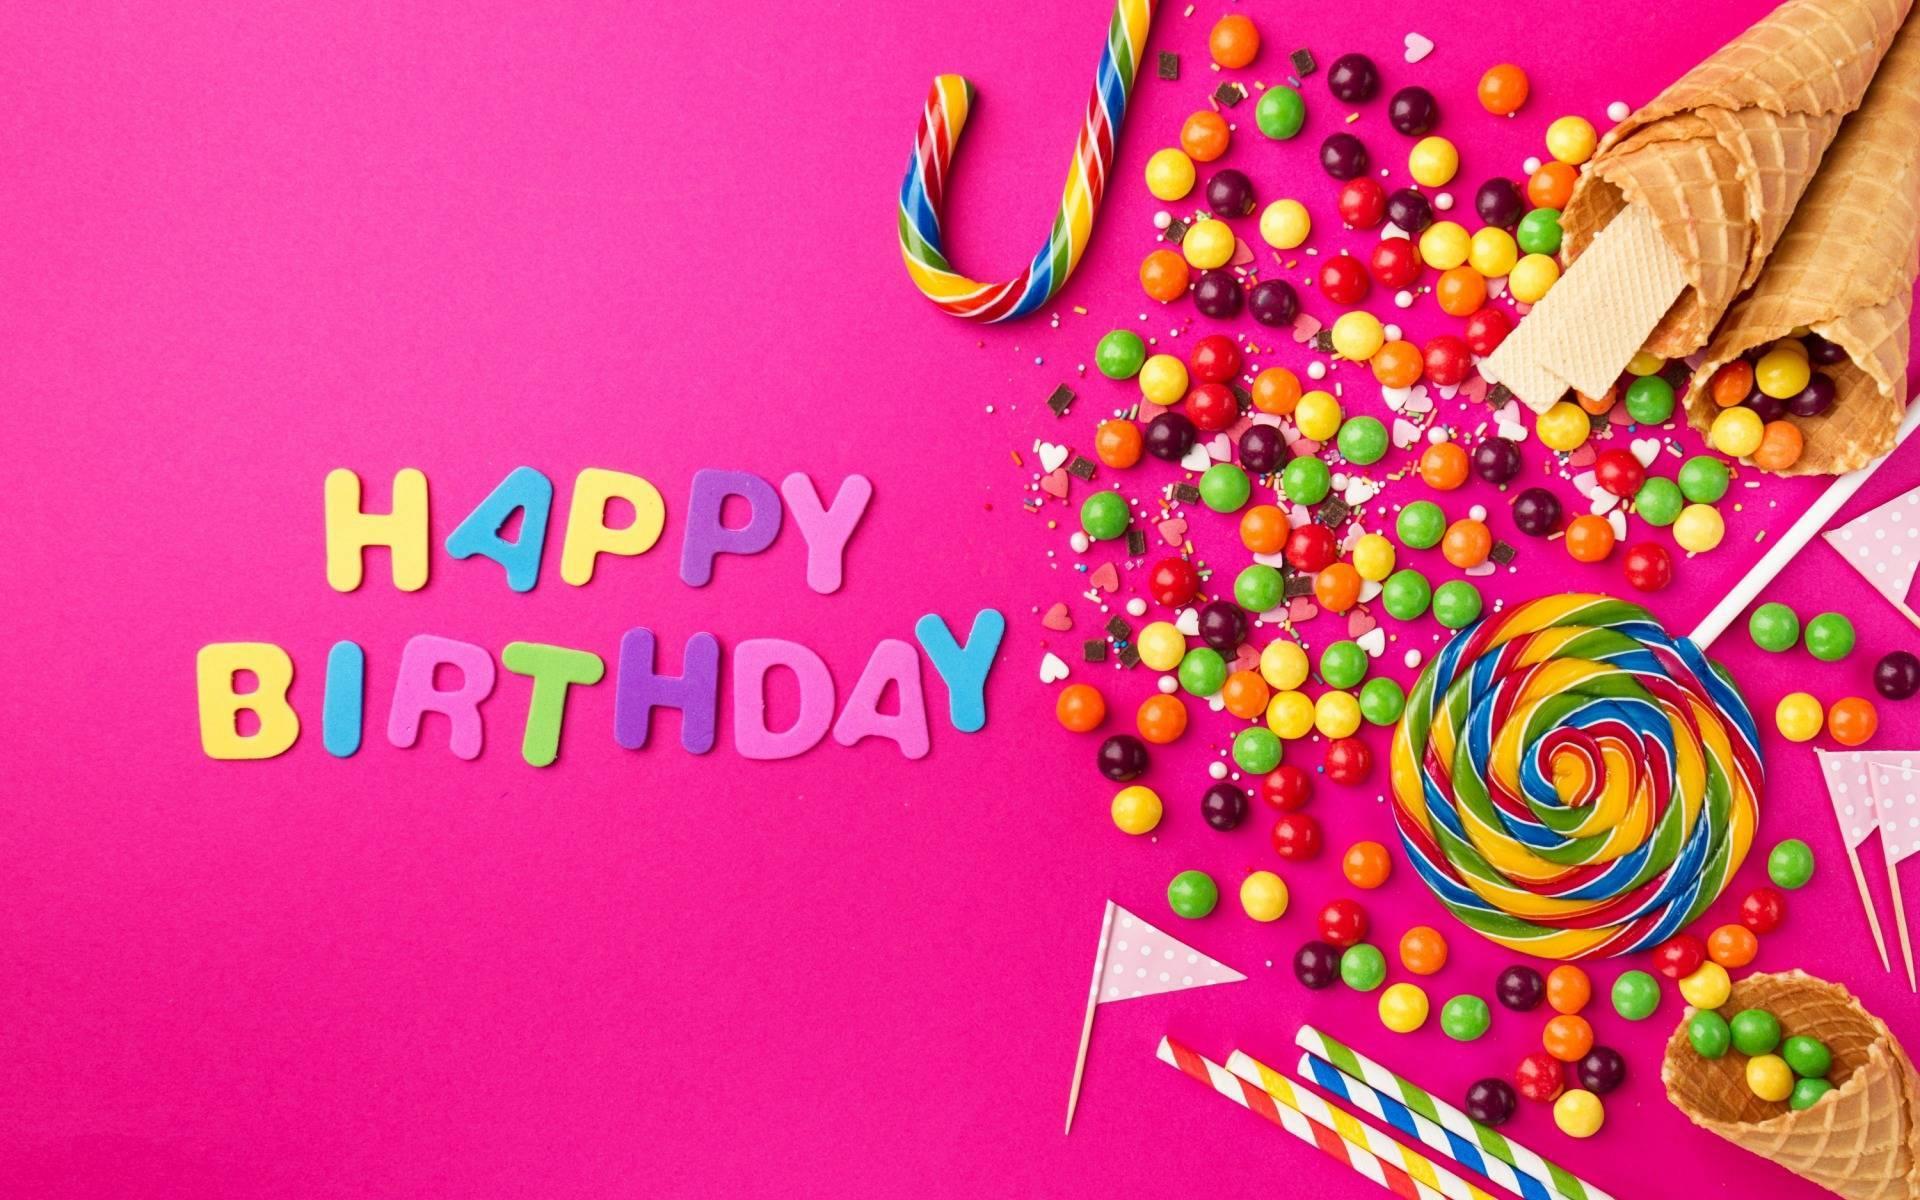 Как поздравить девушку с днем рождения и не быть банальным?